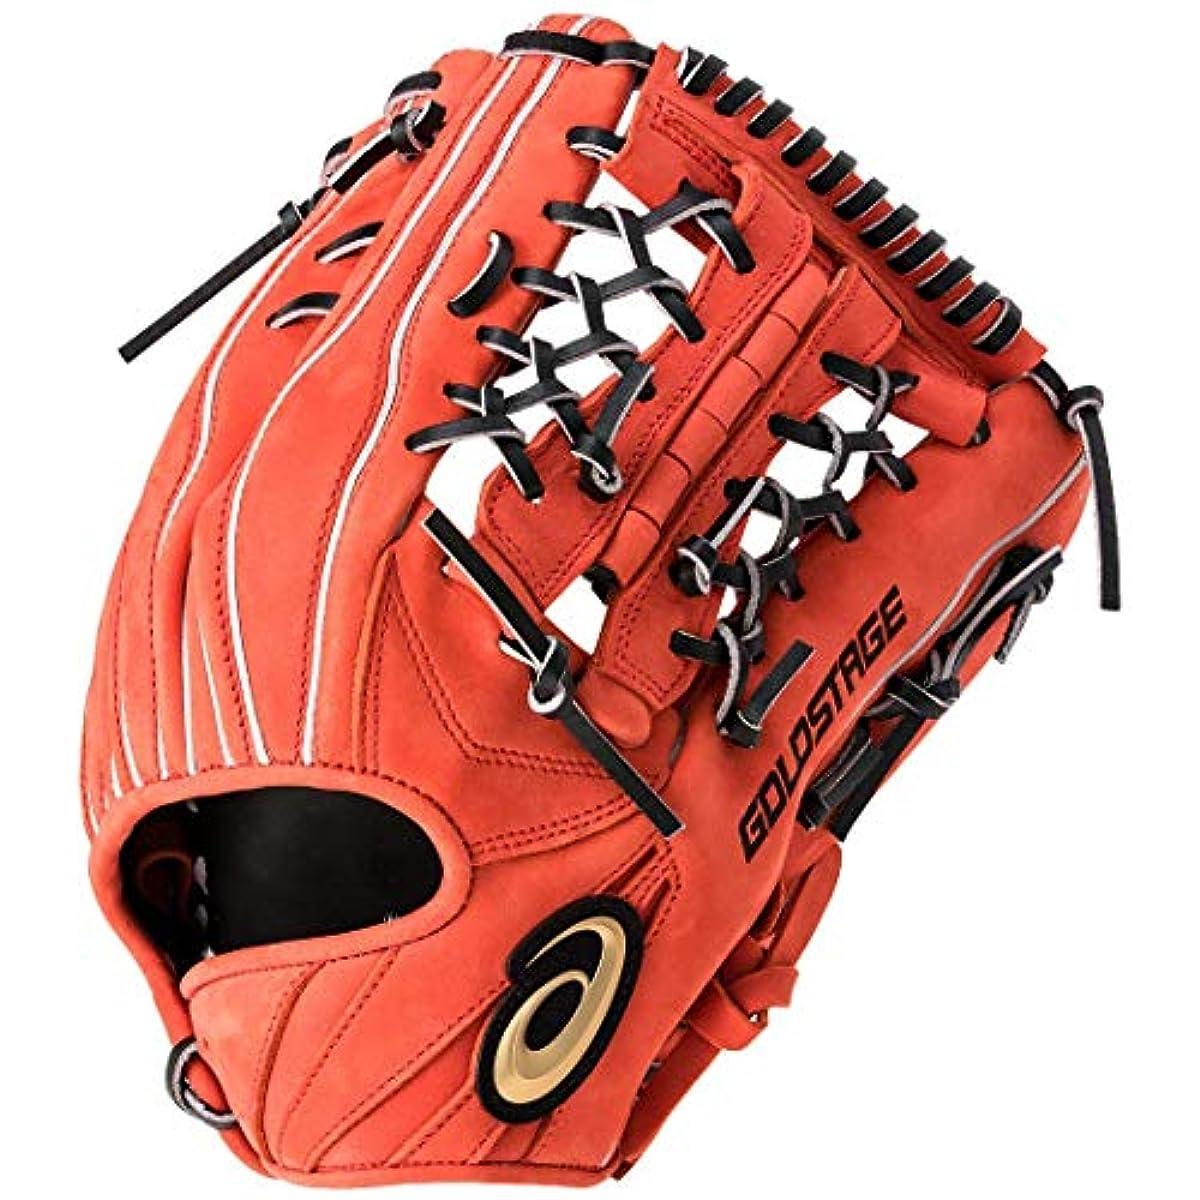 [해외] 아식스ASICS 연식 야구 글러브 외야수용세로 고등학교 야구 대응 GOLD STAGE SPEED AXEL 골드 스테이지 스피드 악셀 사이즈12 3121A329